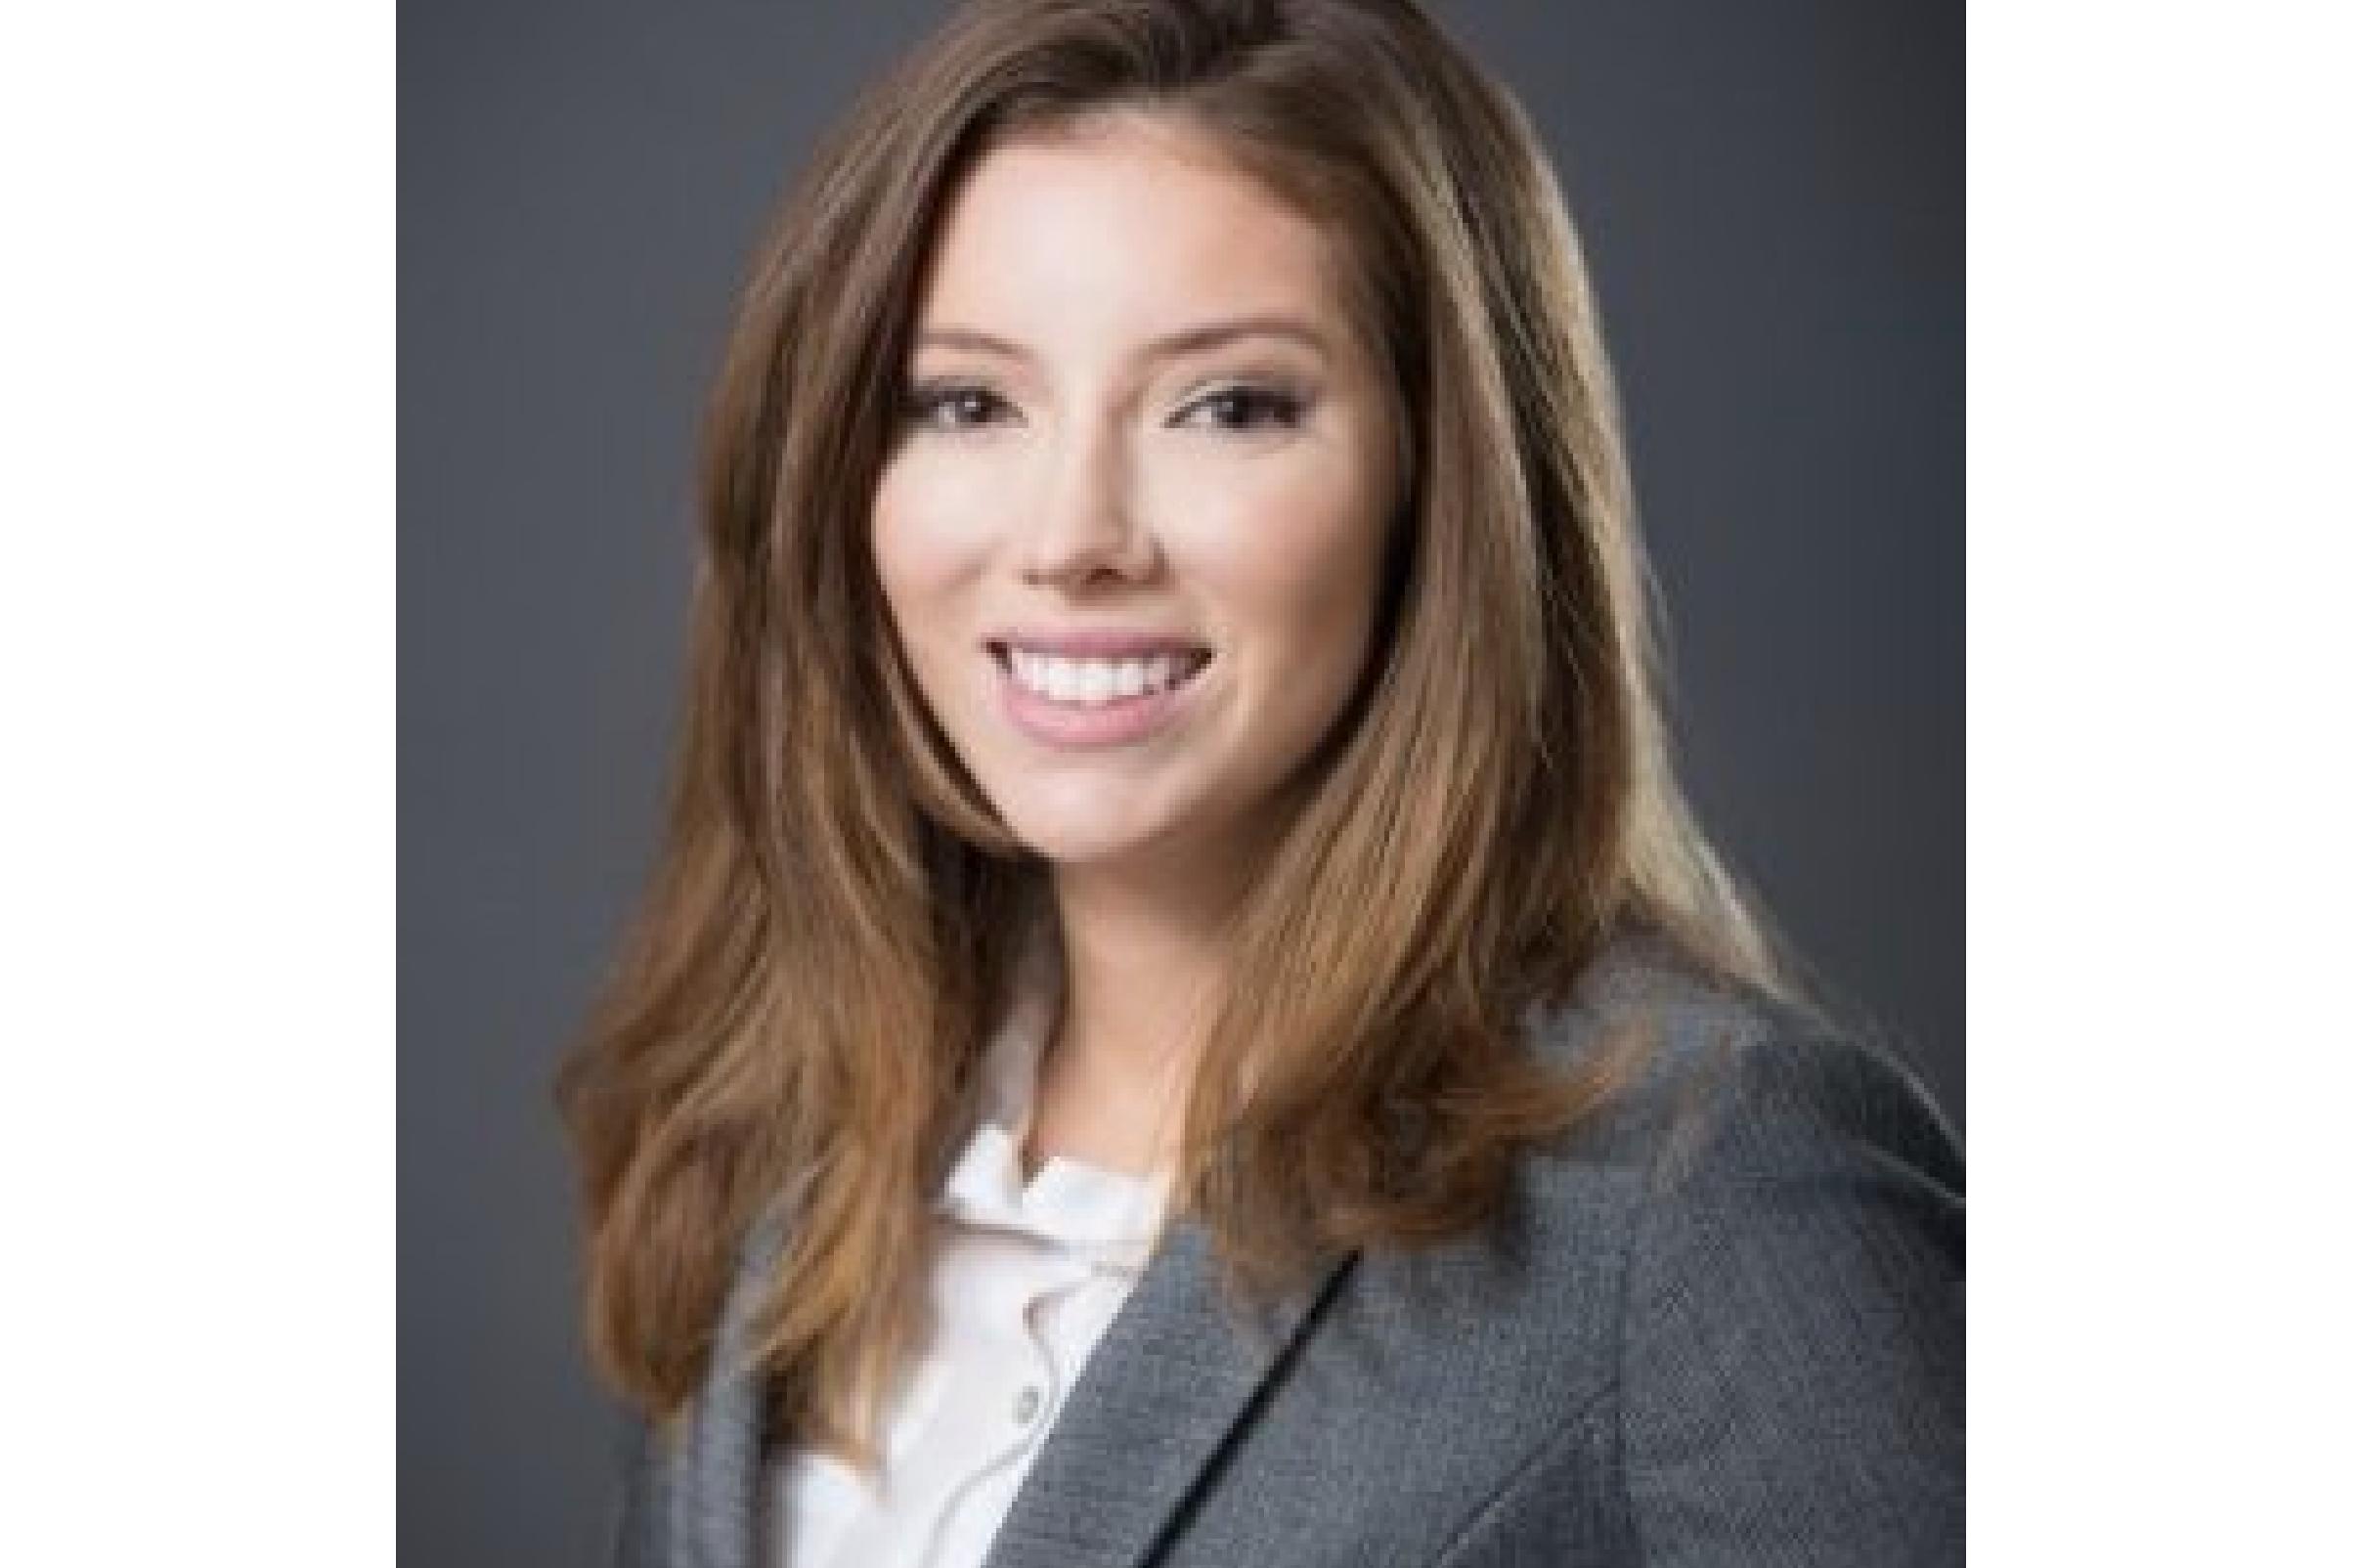 Kim Salinas